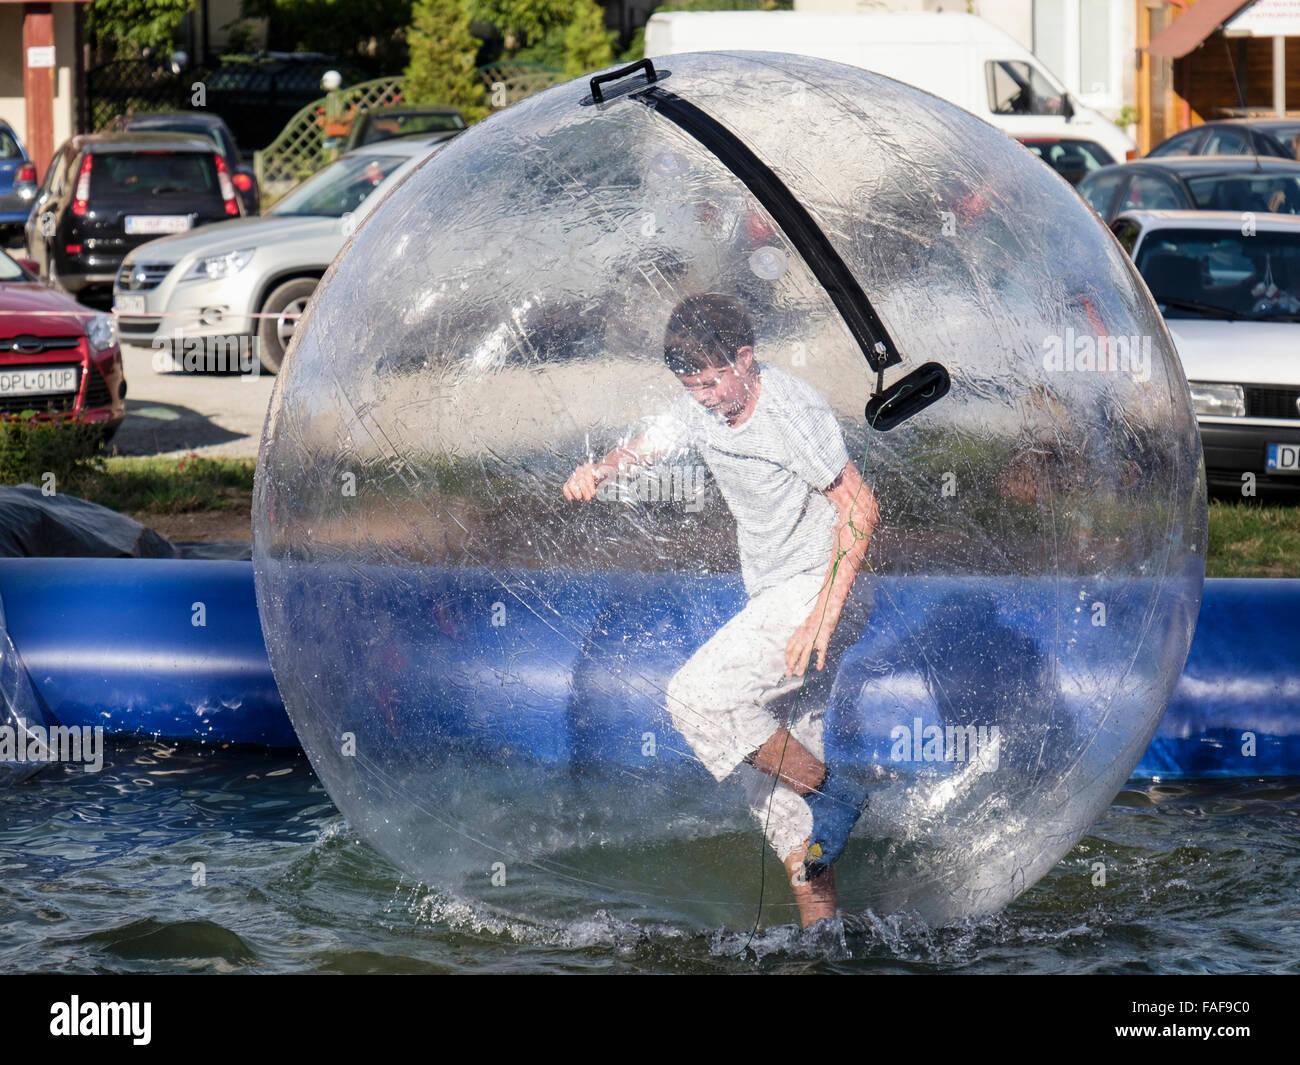 Ragazzo in piedi in esecuzione in un pallone gonfiabile bubble zorbing su di una piscina di acqua. Polanica-Zdroj, Immagini Stock